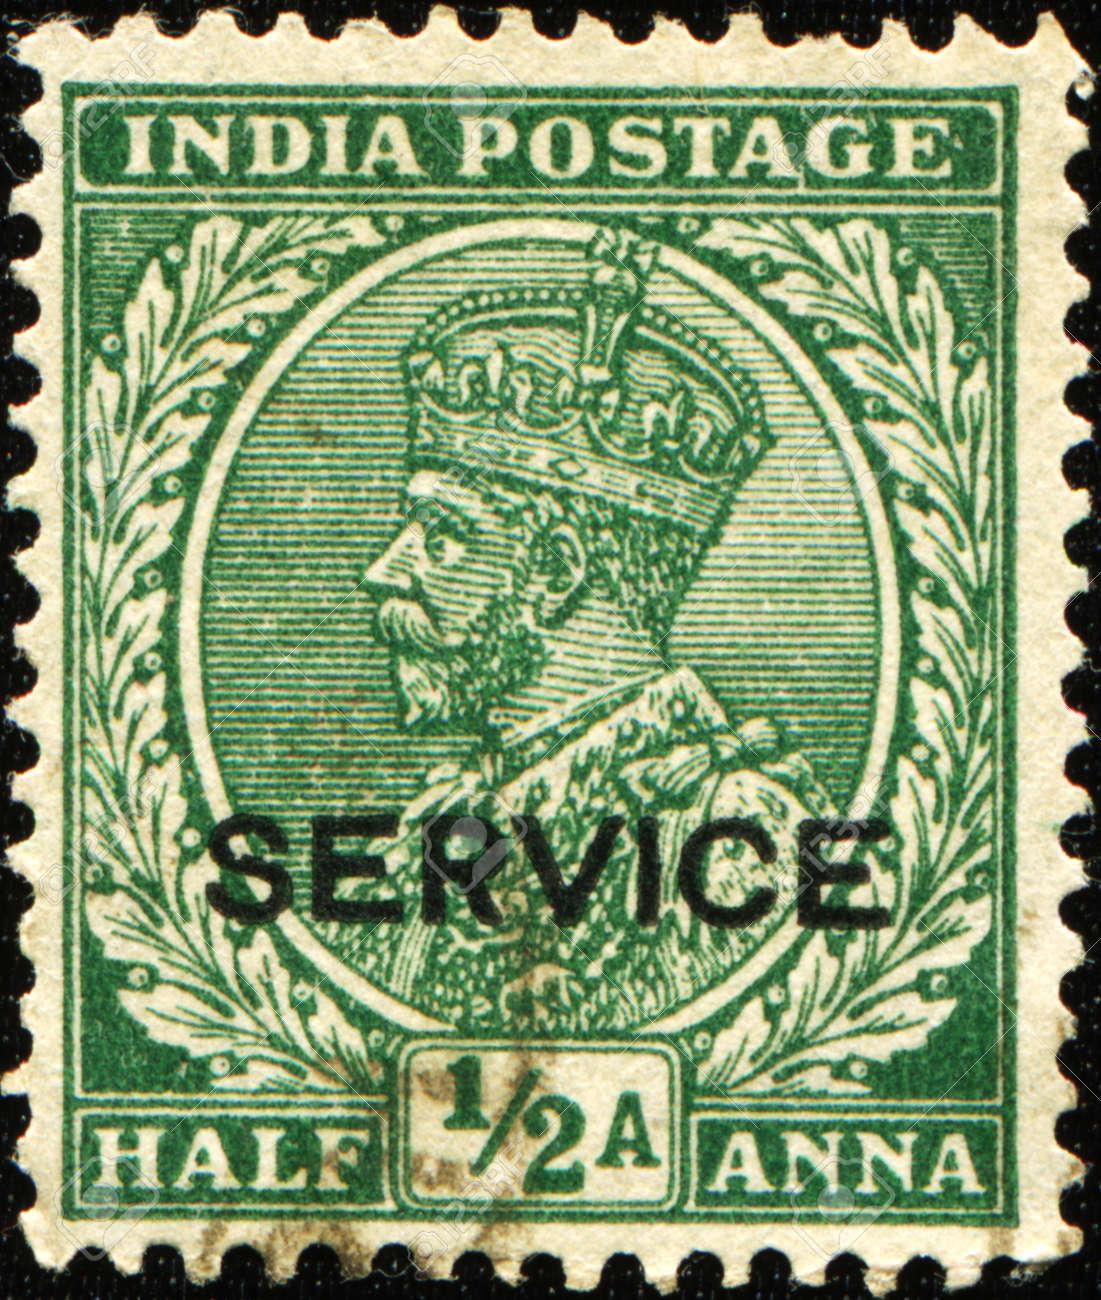 1923 india